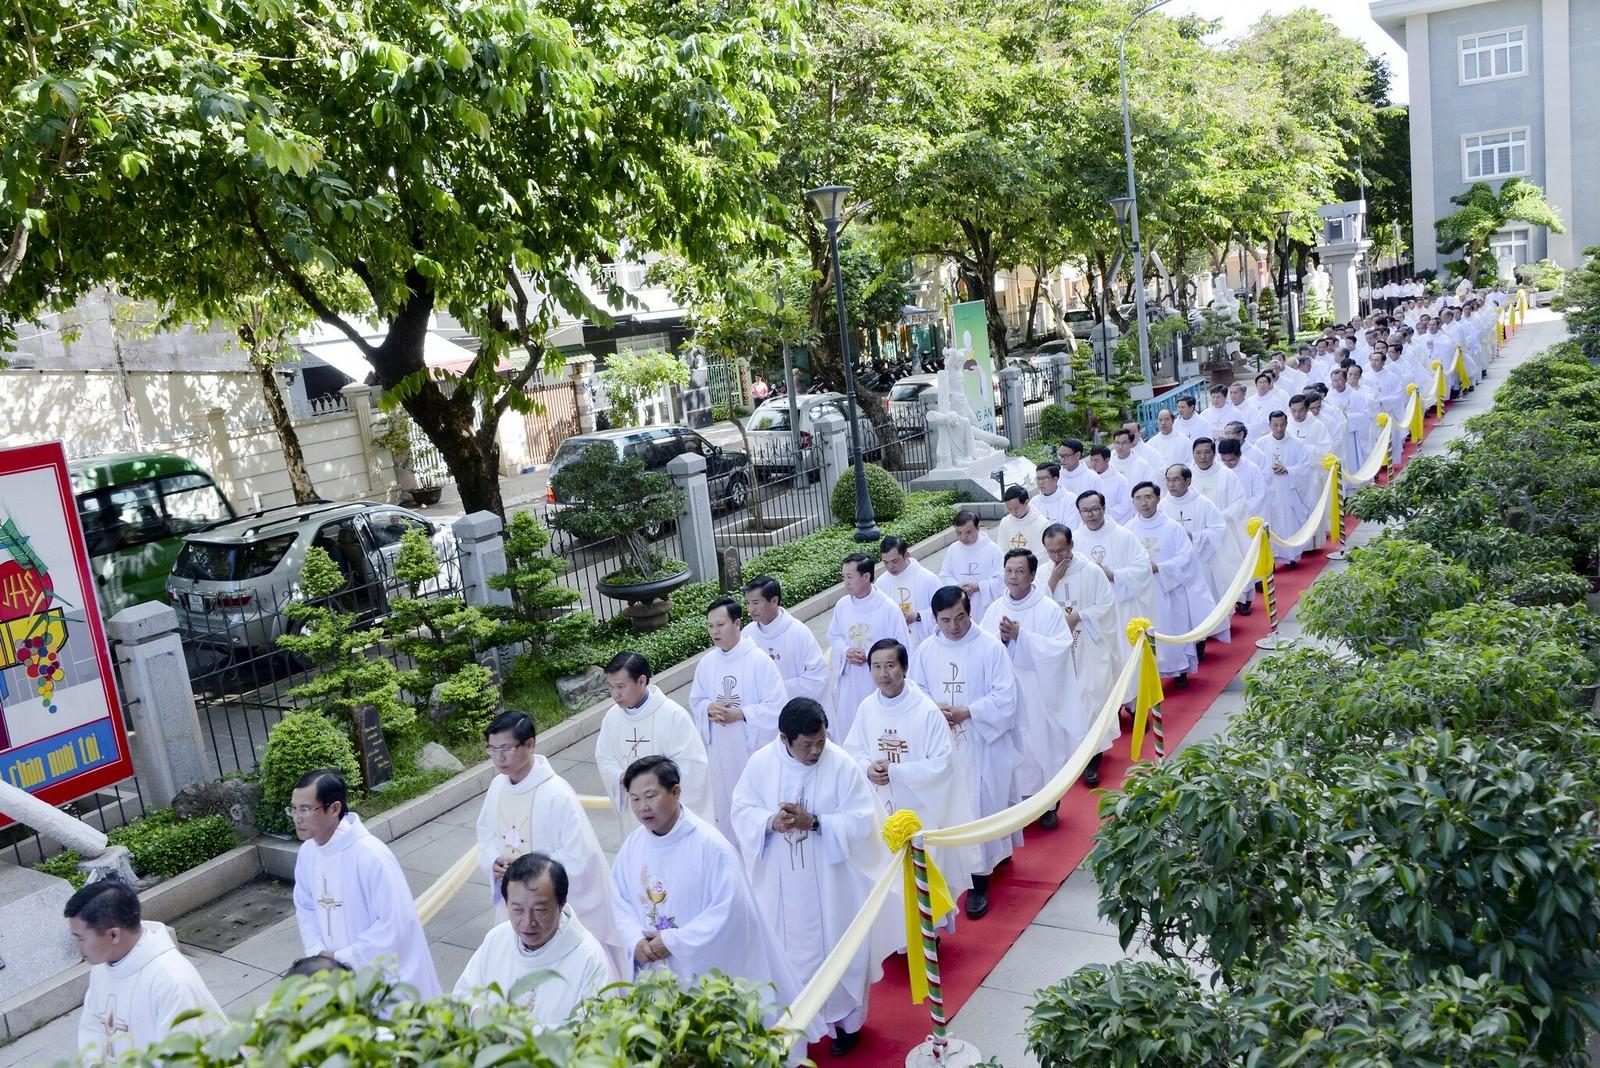 Giáo phận Bà Rịa: Thánh lễ Truyền chức Linh mục 2017 - Ảnh minh hoạ 4